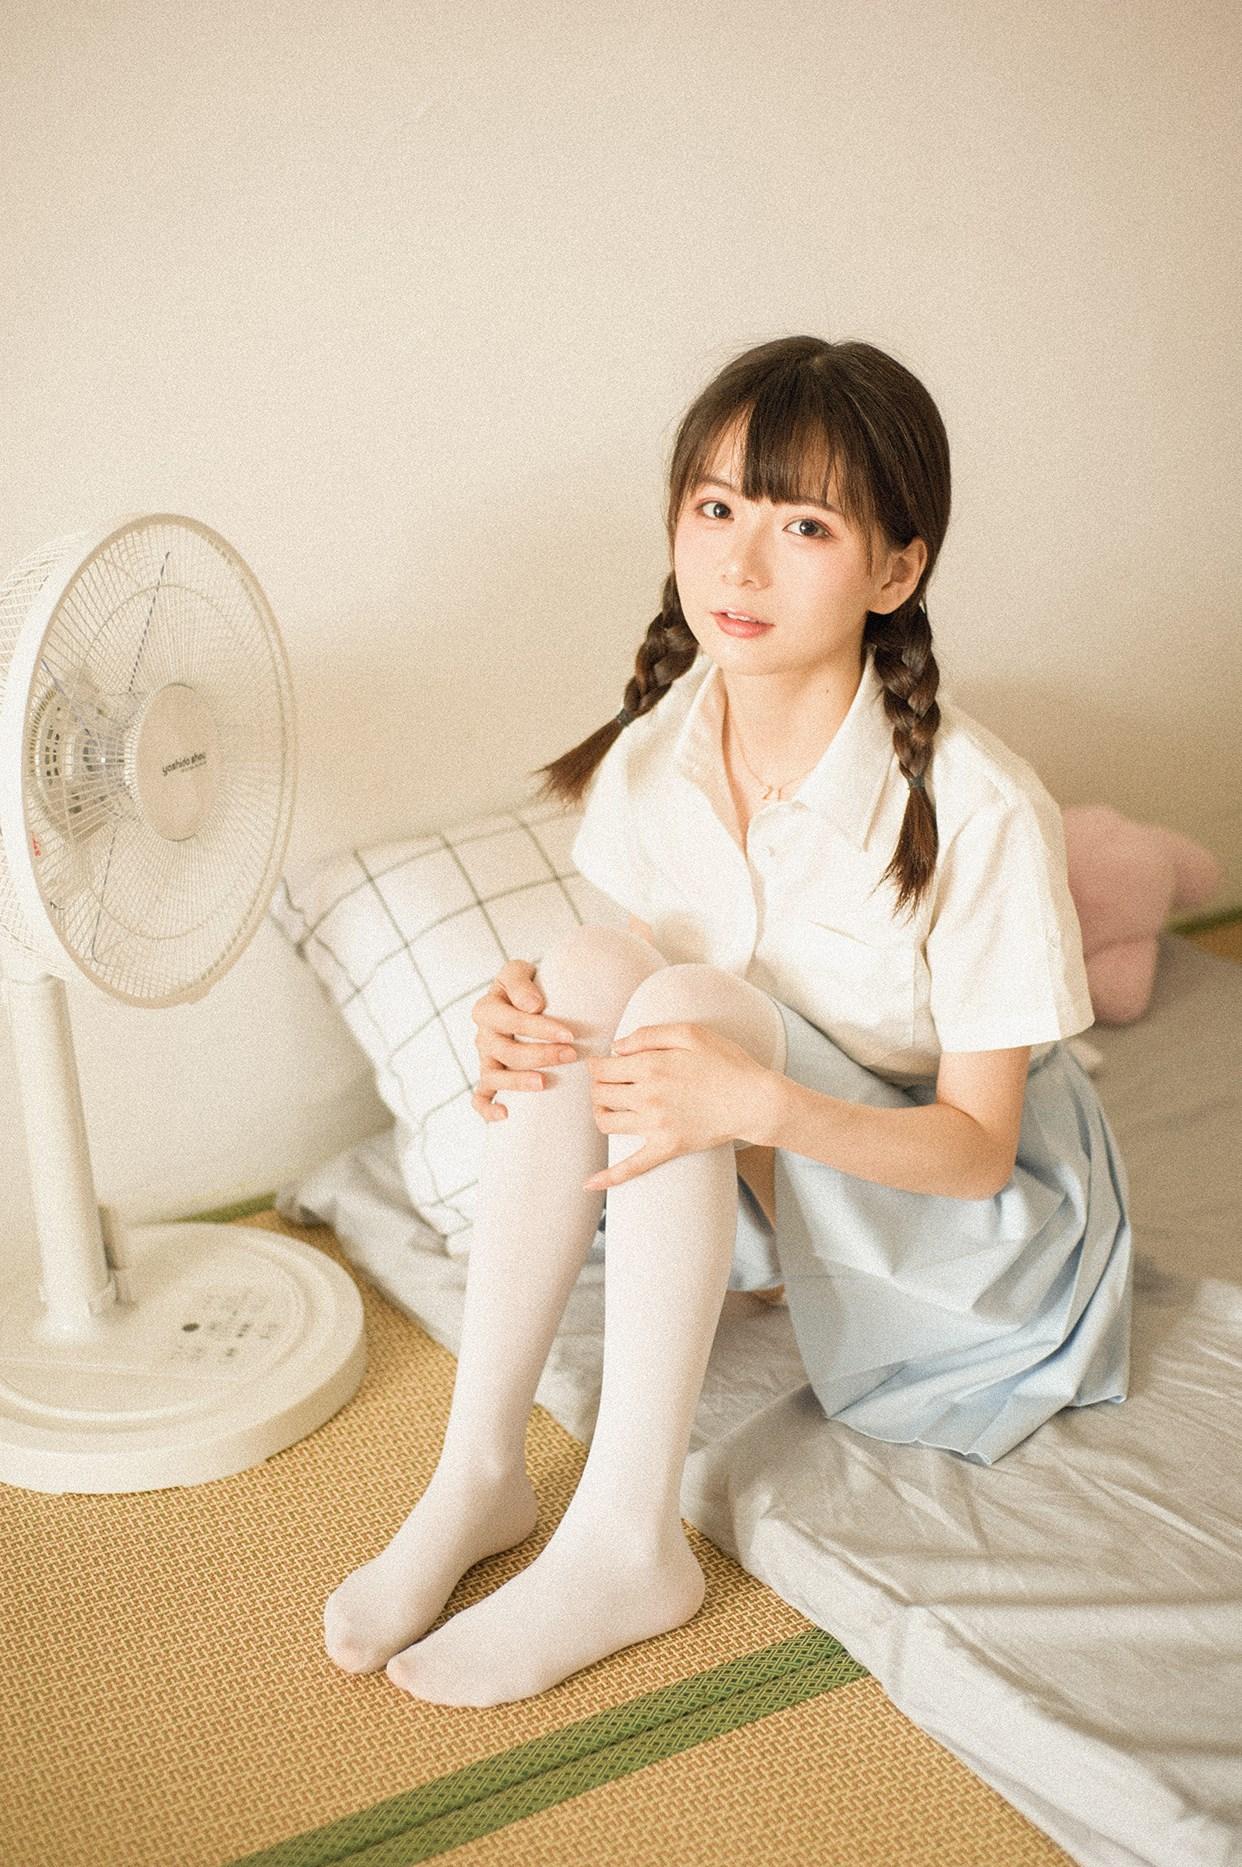 【兔玩映画】夏天的小裙子 兔玩映画 第14张